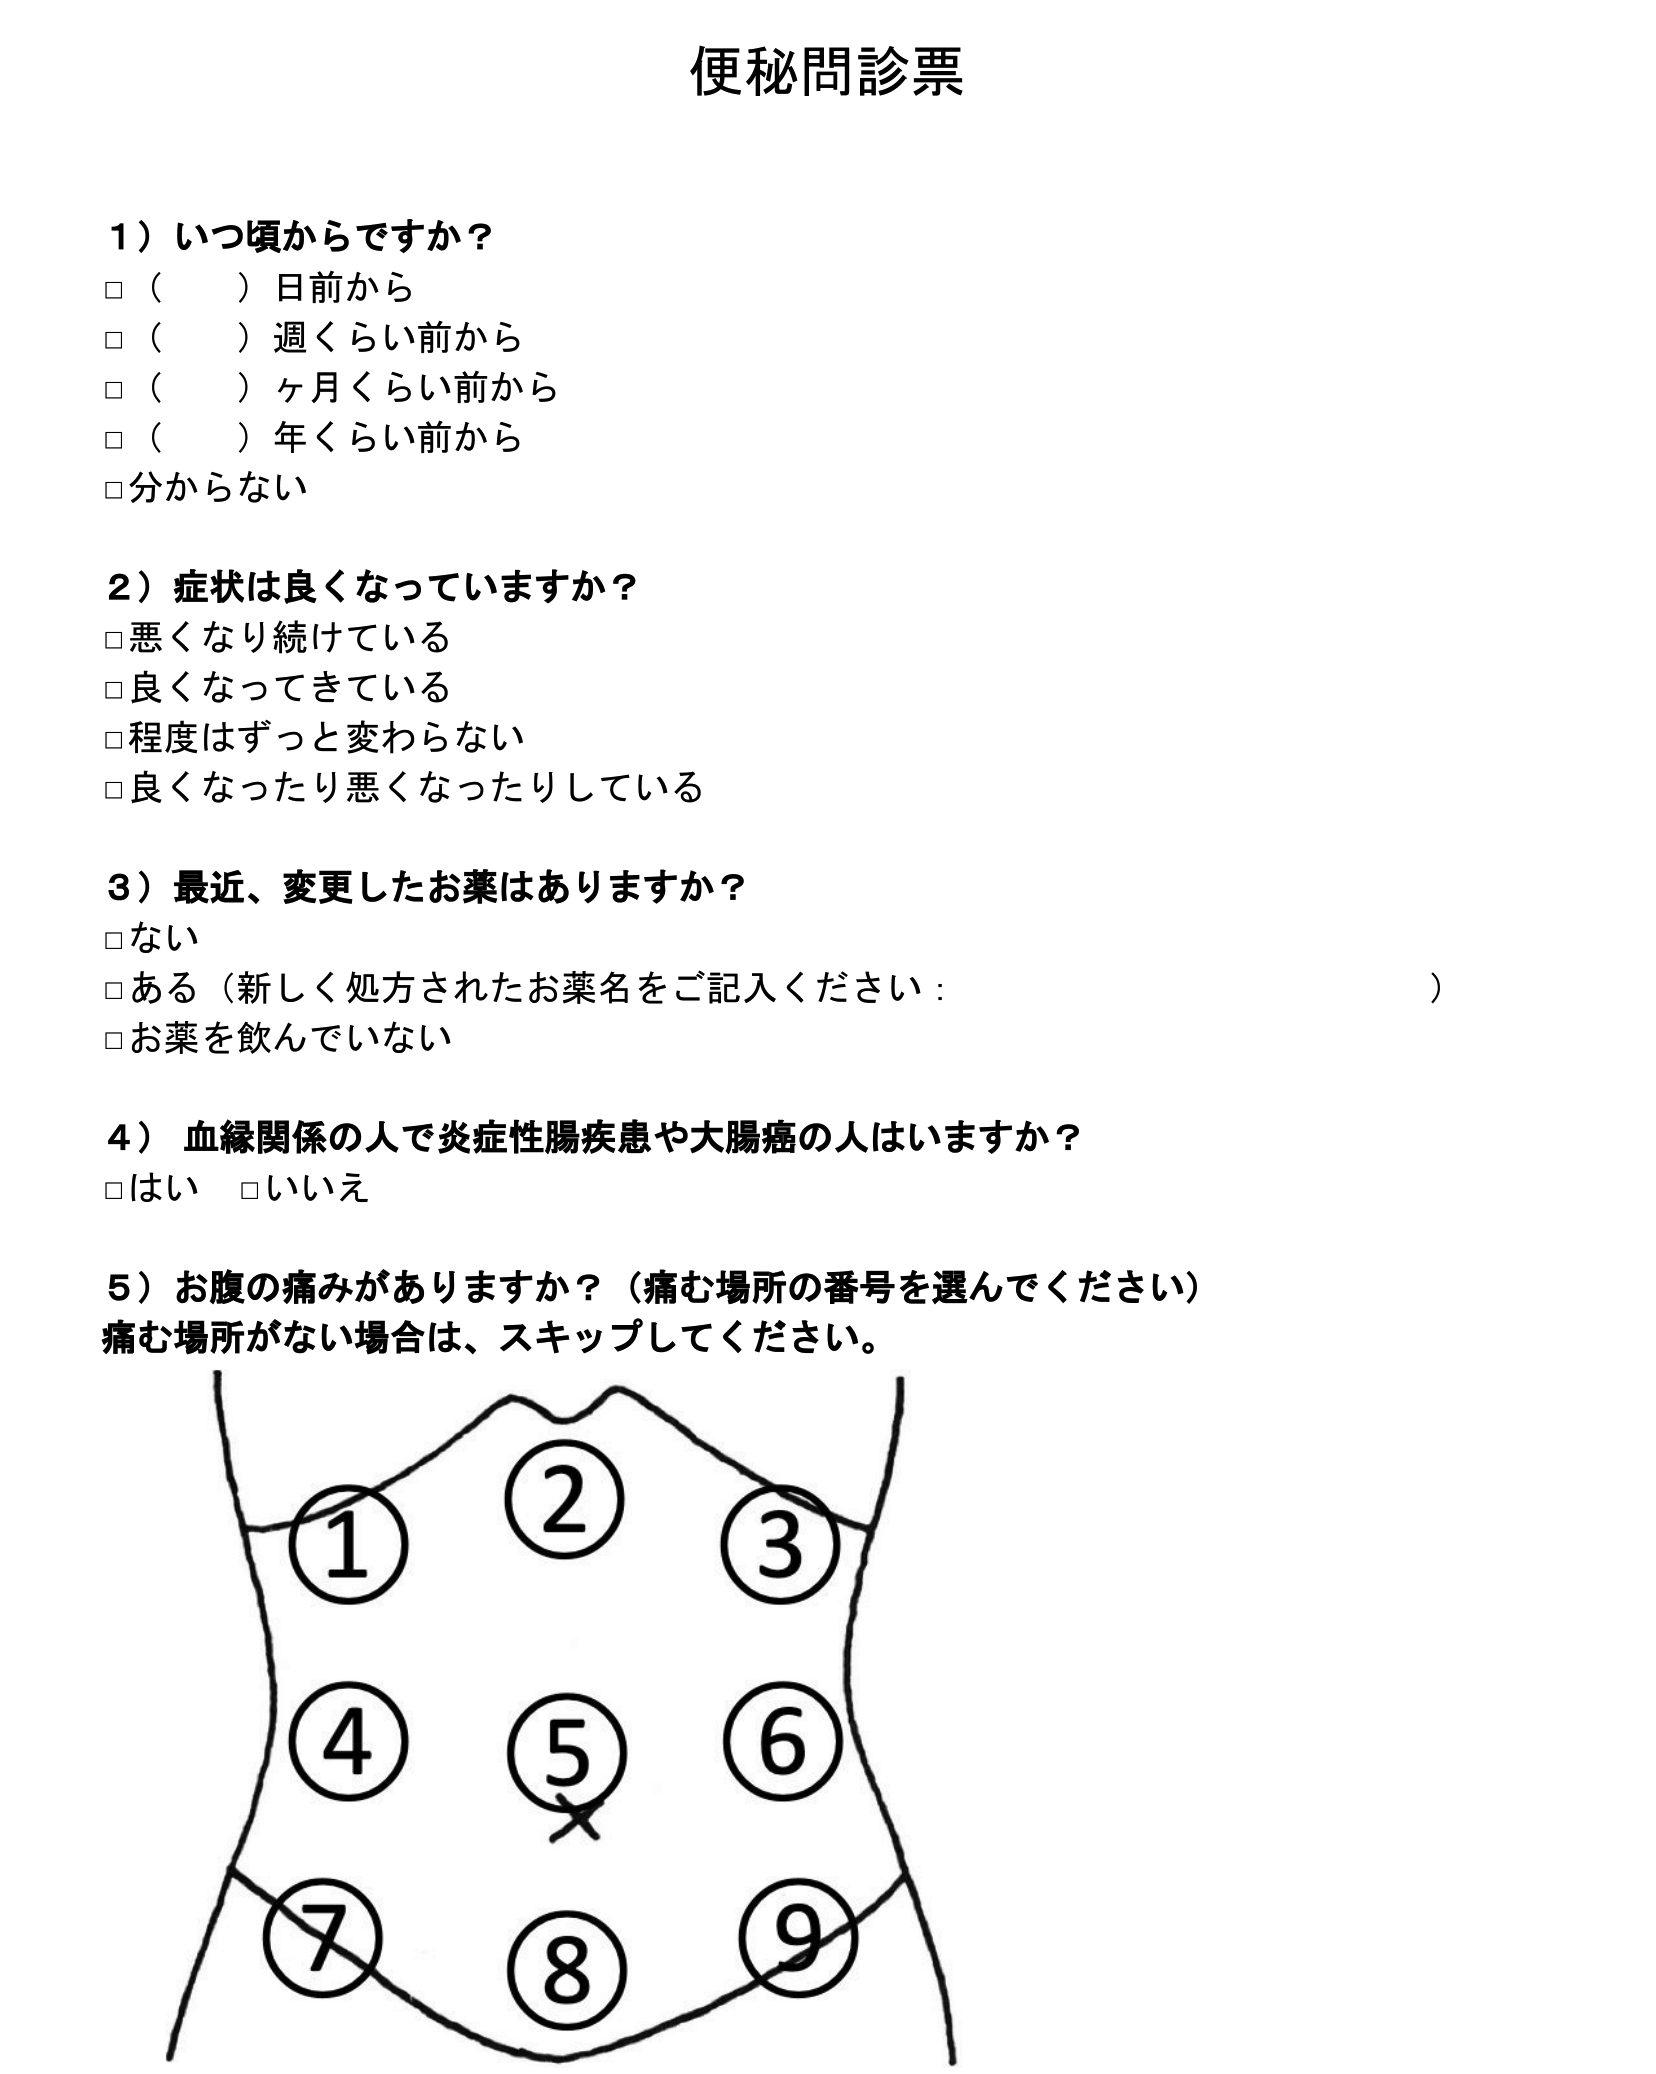 便秘問診票テンプレート-1